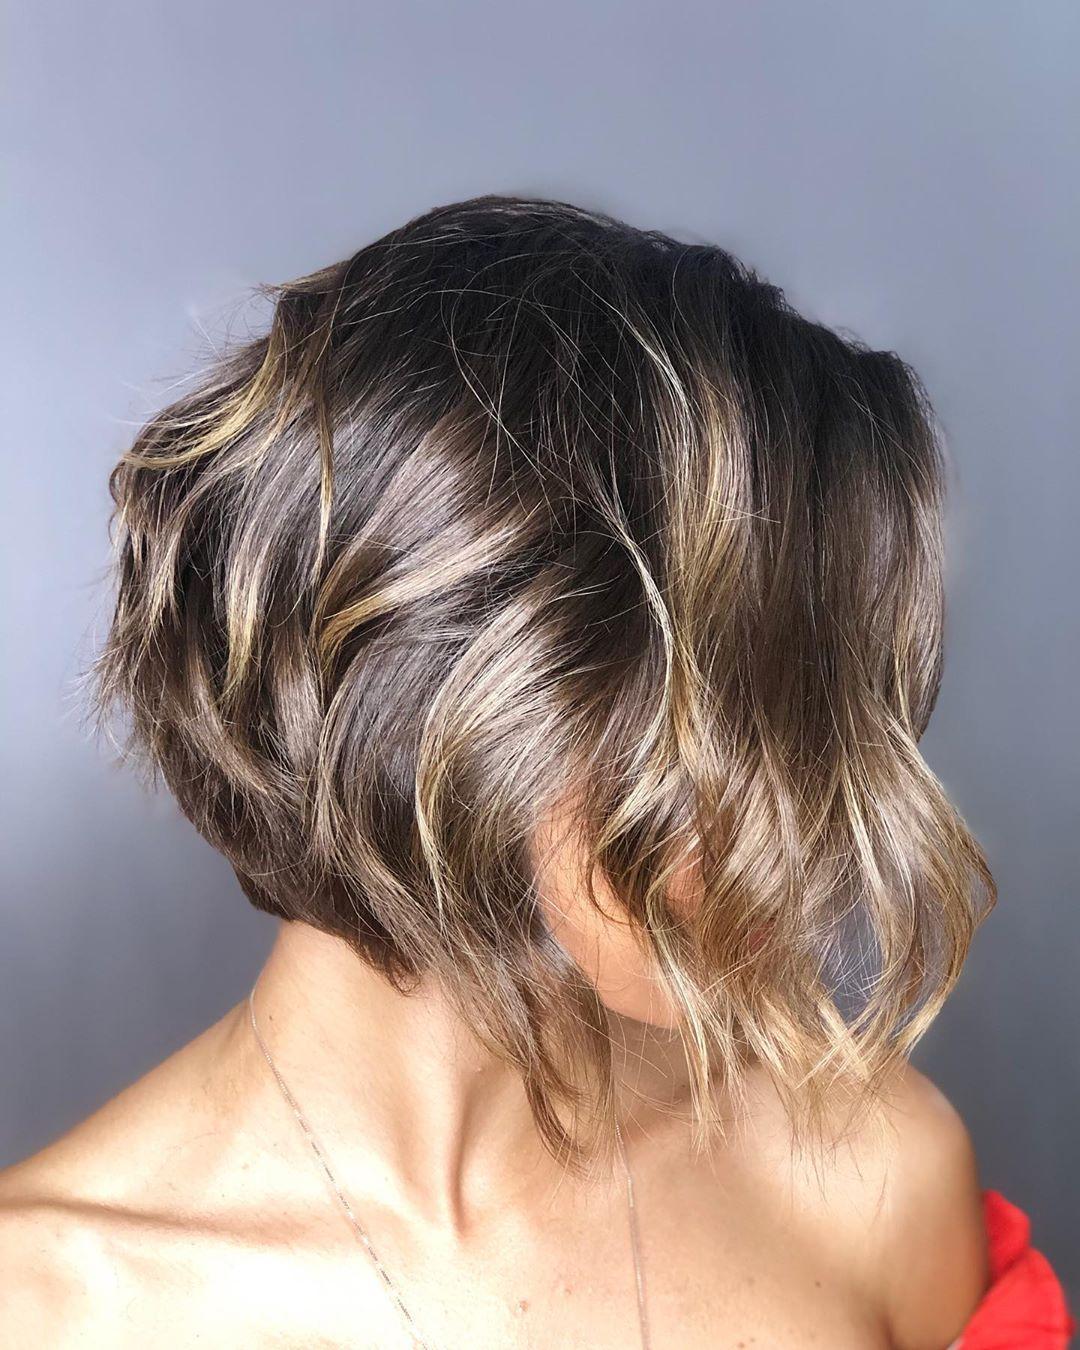 cabelos repicados curtos